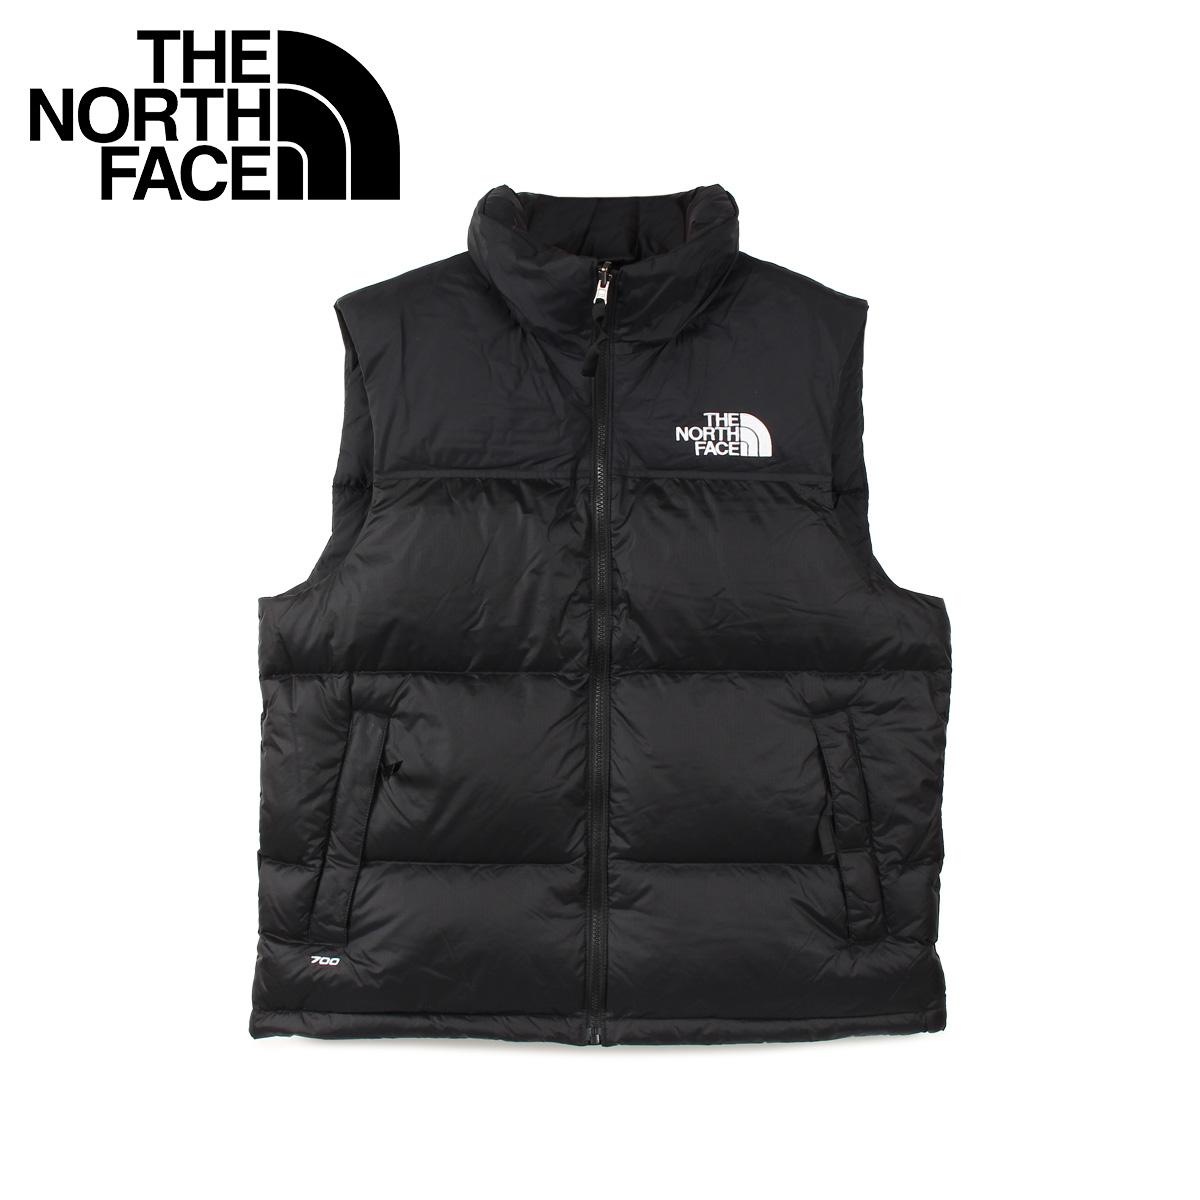 THE NORTH FACE ノースフェイス ダウンベスト ベスト レトロ ヌプシ メンズ 1996 RETRO NUPTSE VEST ブラック 黒 NF0A3JQQ